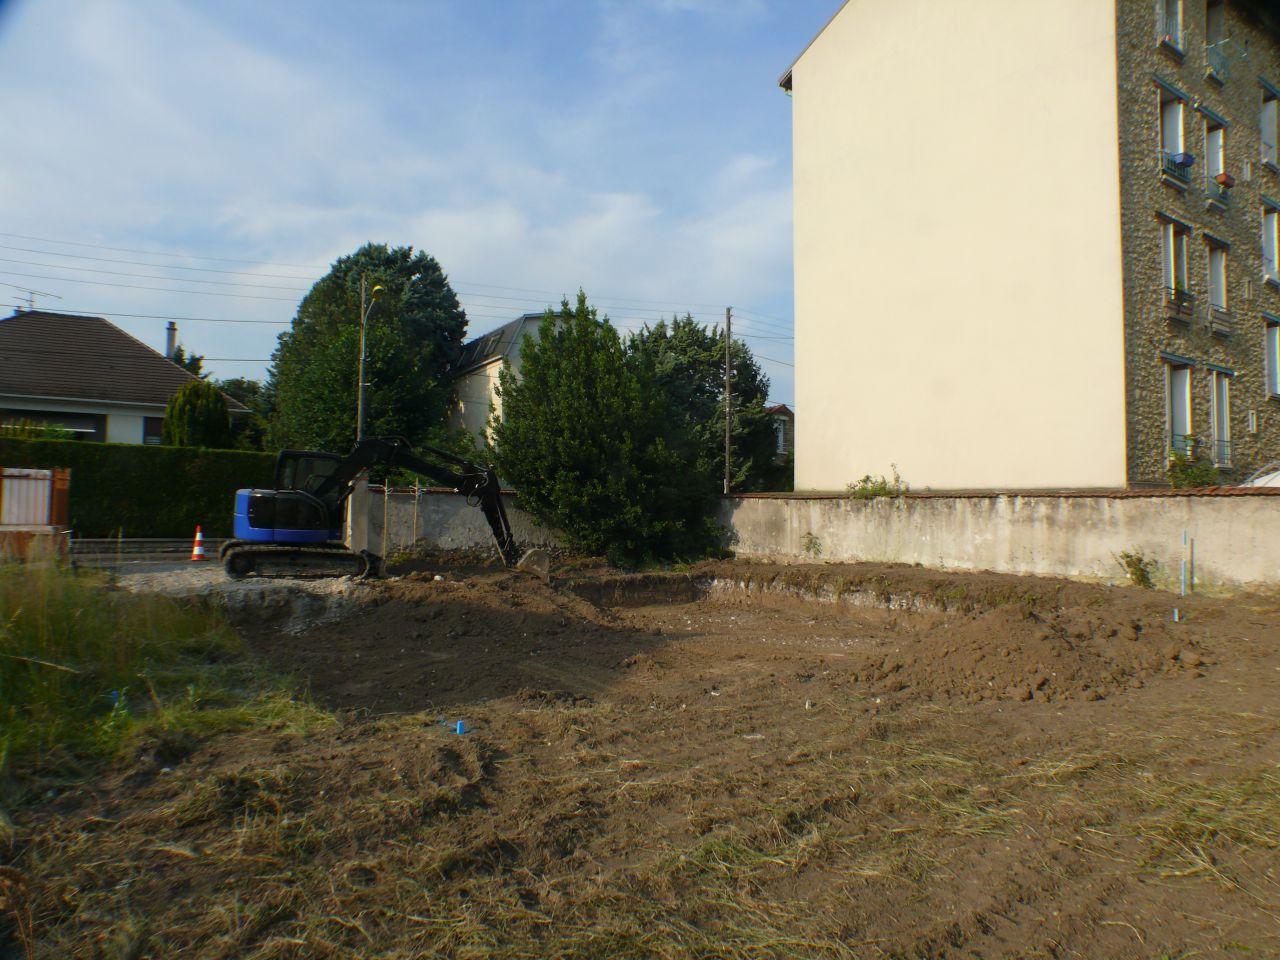 On enterre le sous-sol de 60cm alors l faut creuser ...